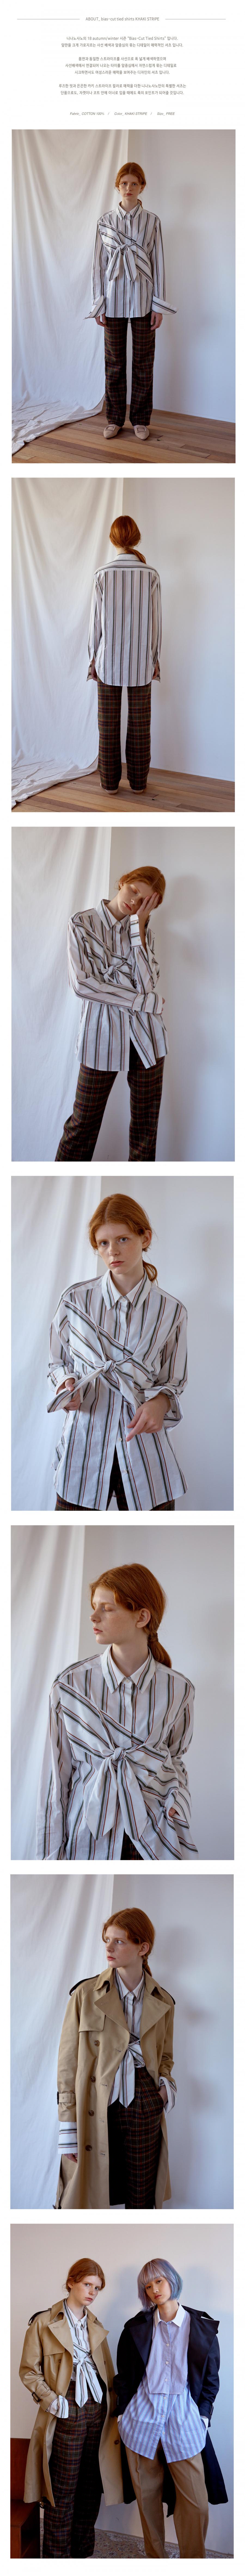 니나노사노(NINANOSANO) bias-cut tied shirts KHAKI STRIPE